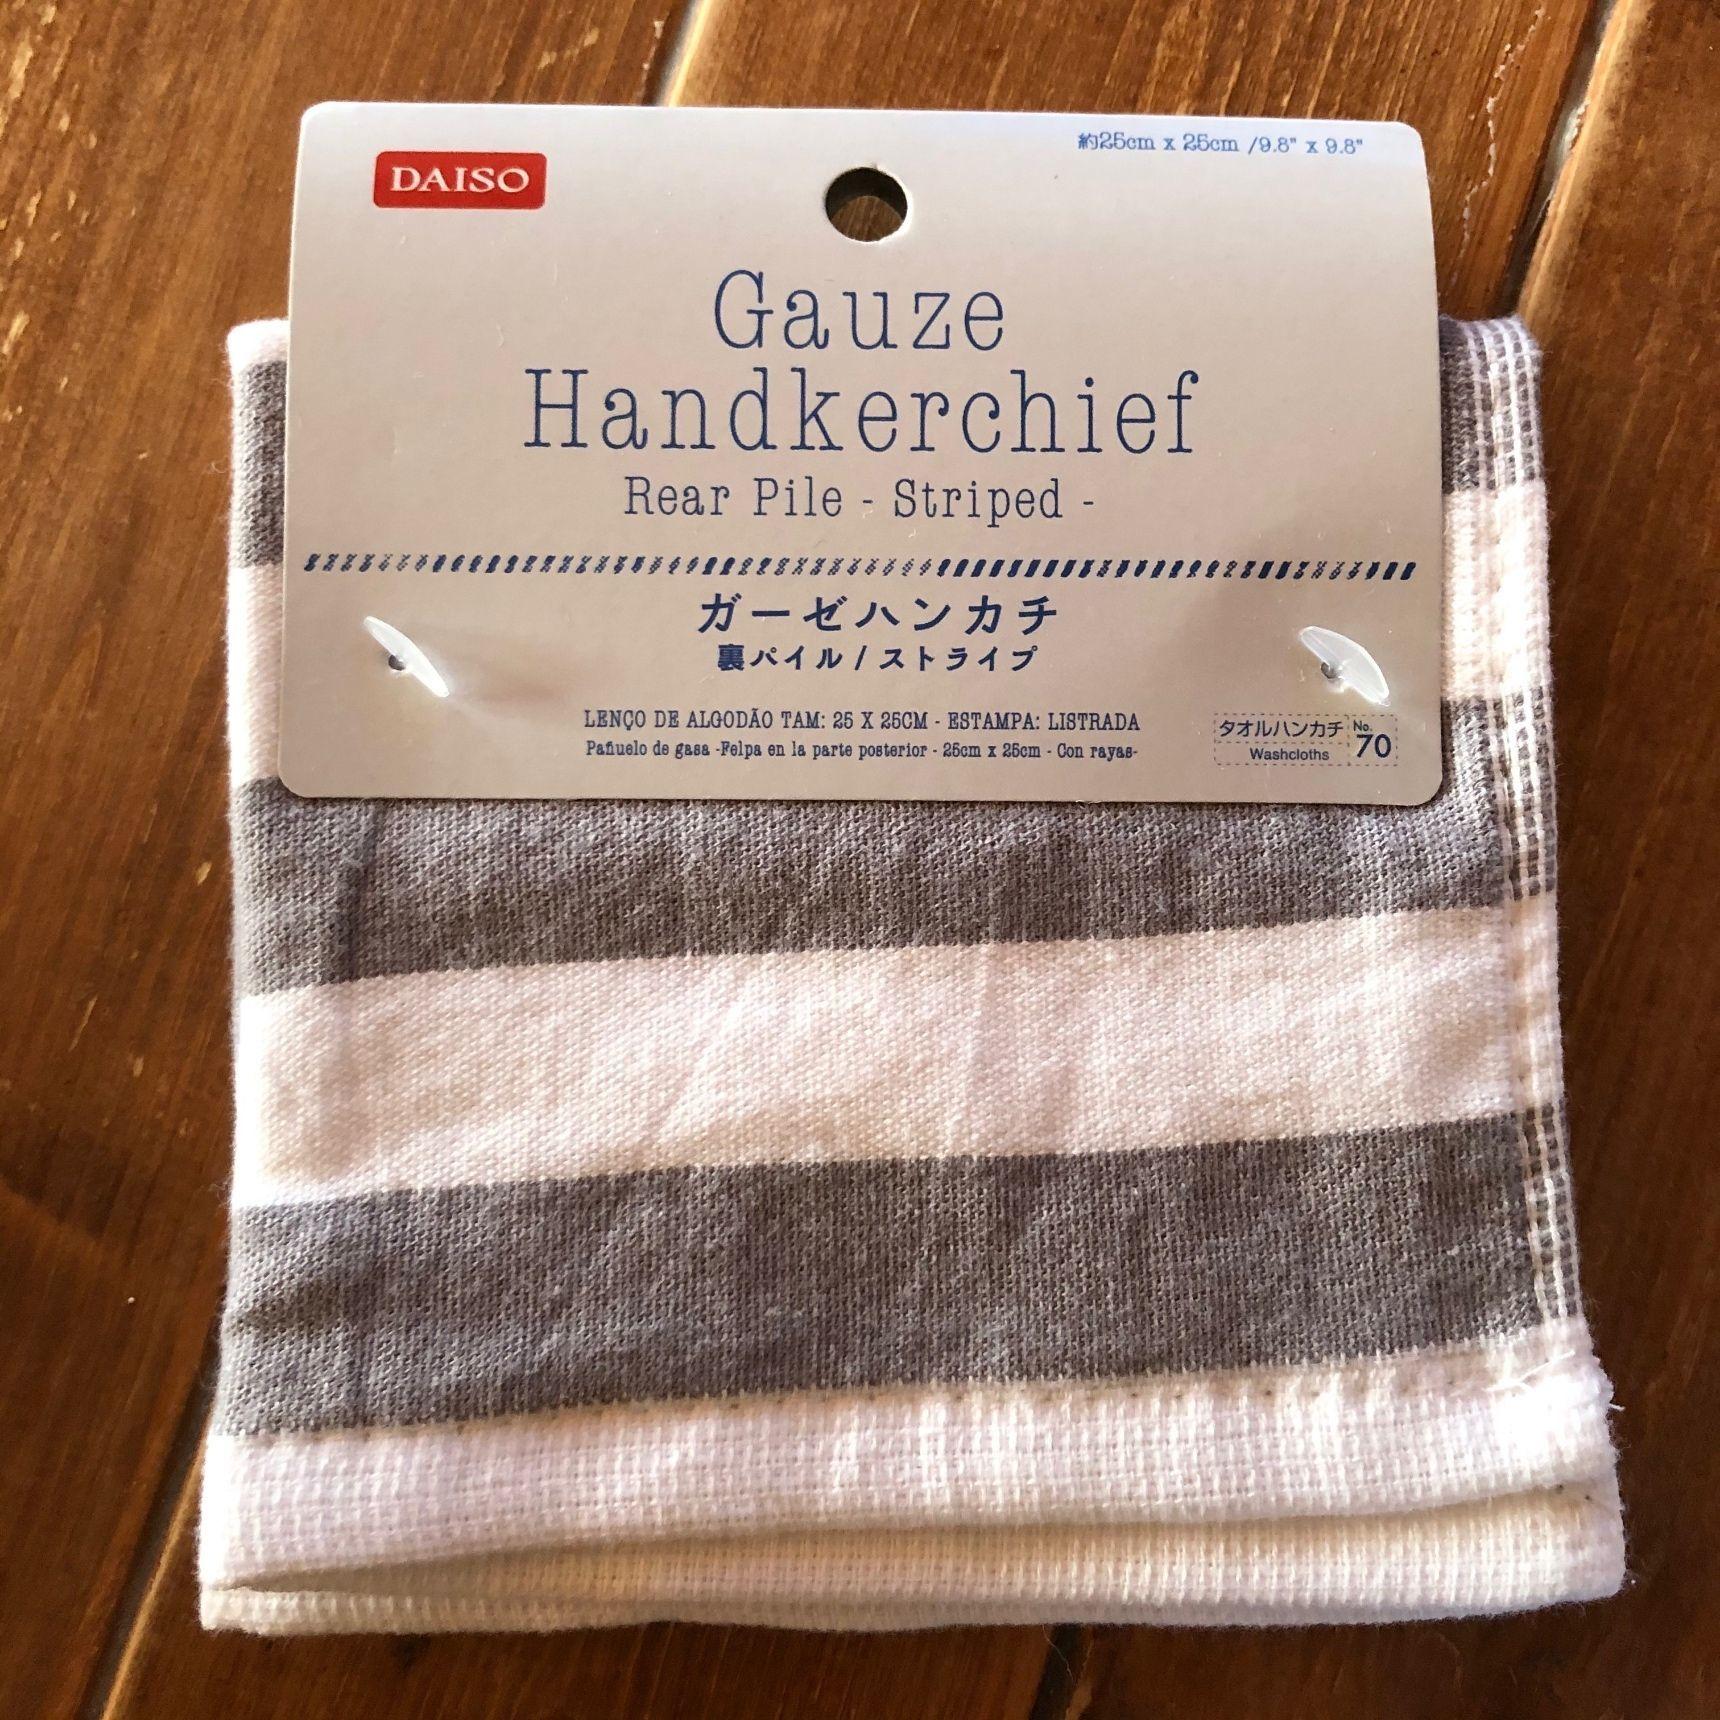 Nên chọn loại khăn tay có chất liệu tự nhiên 100% cotton